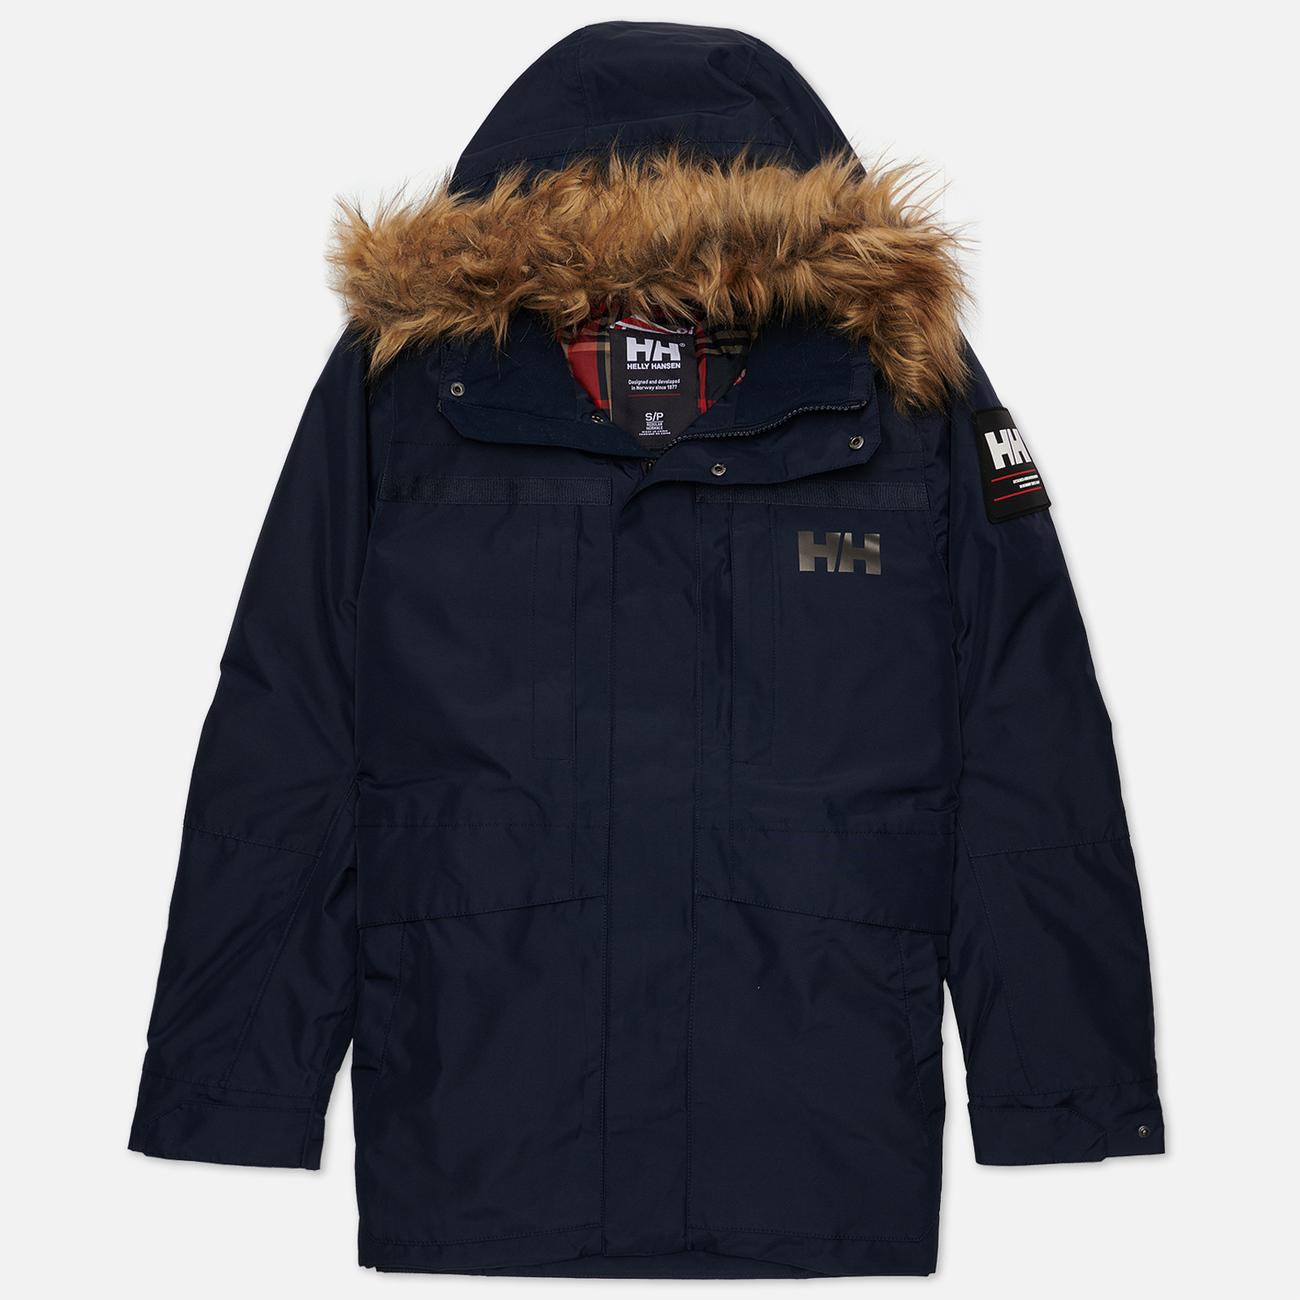 Мужская куртка парка Helly Hansen Coastal 2 Navy